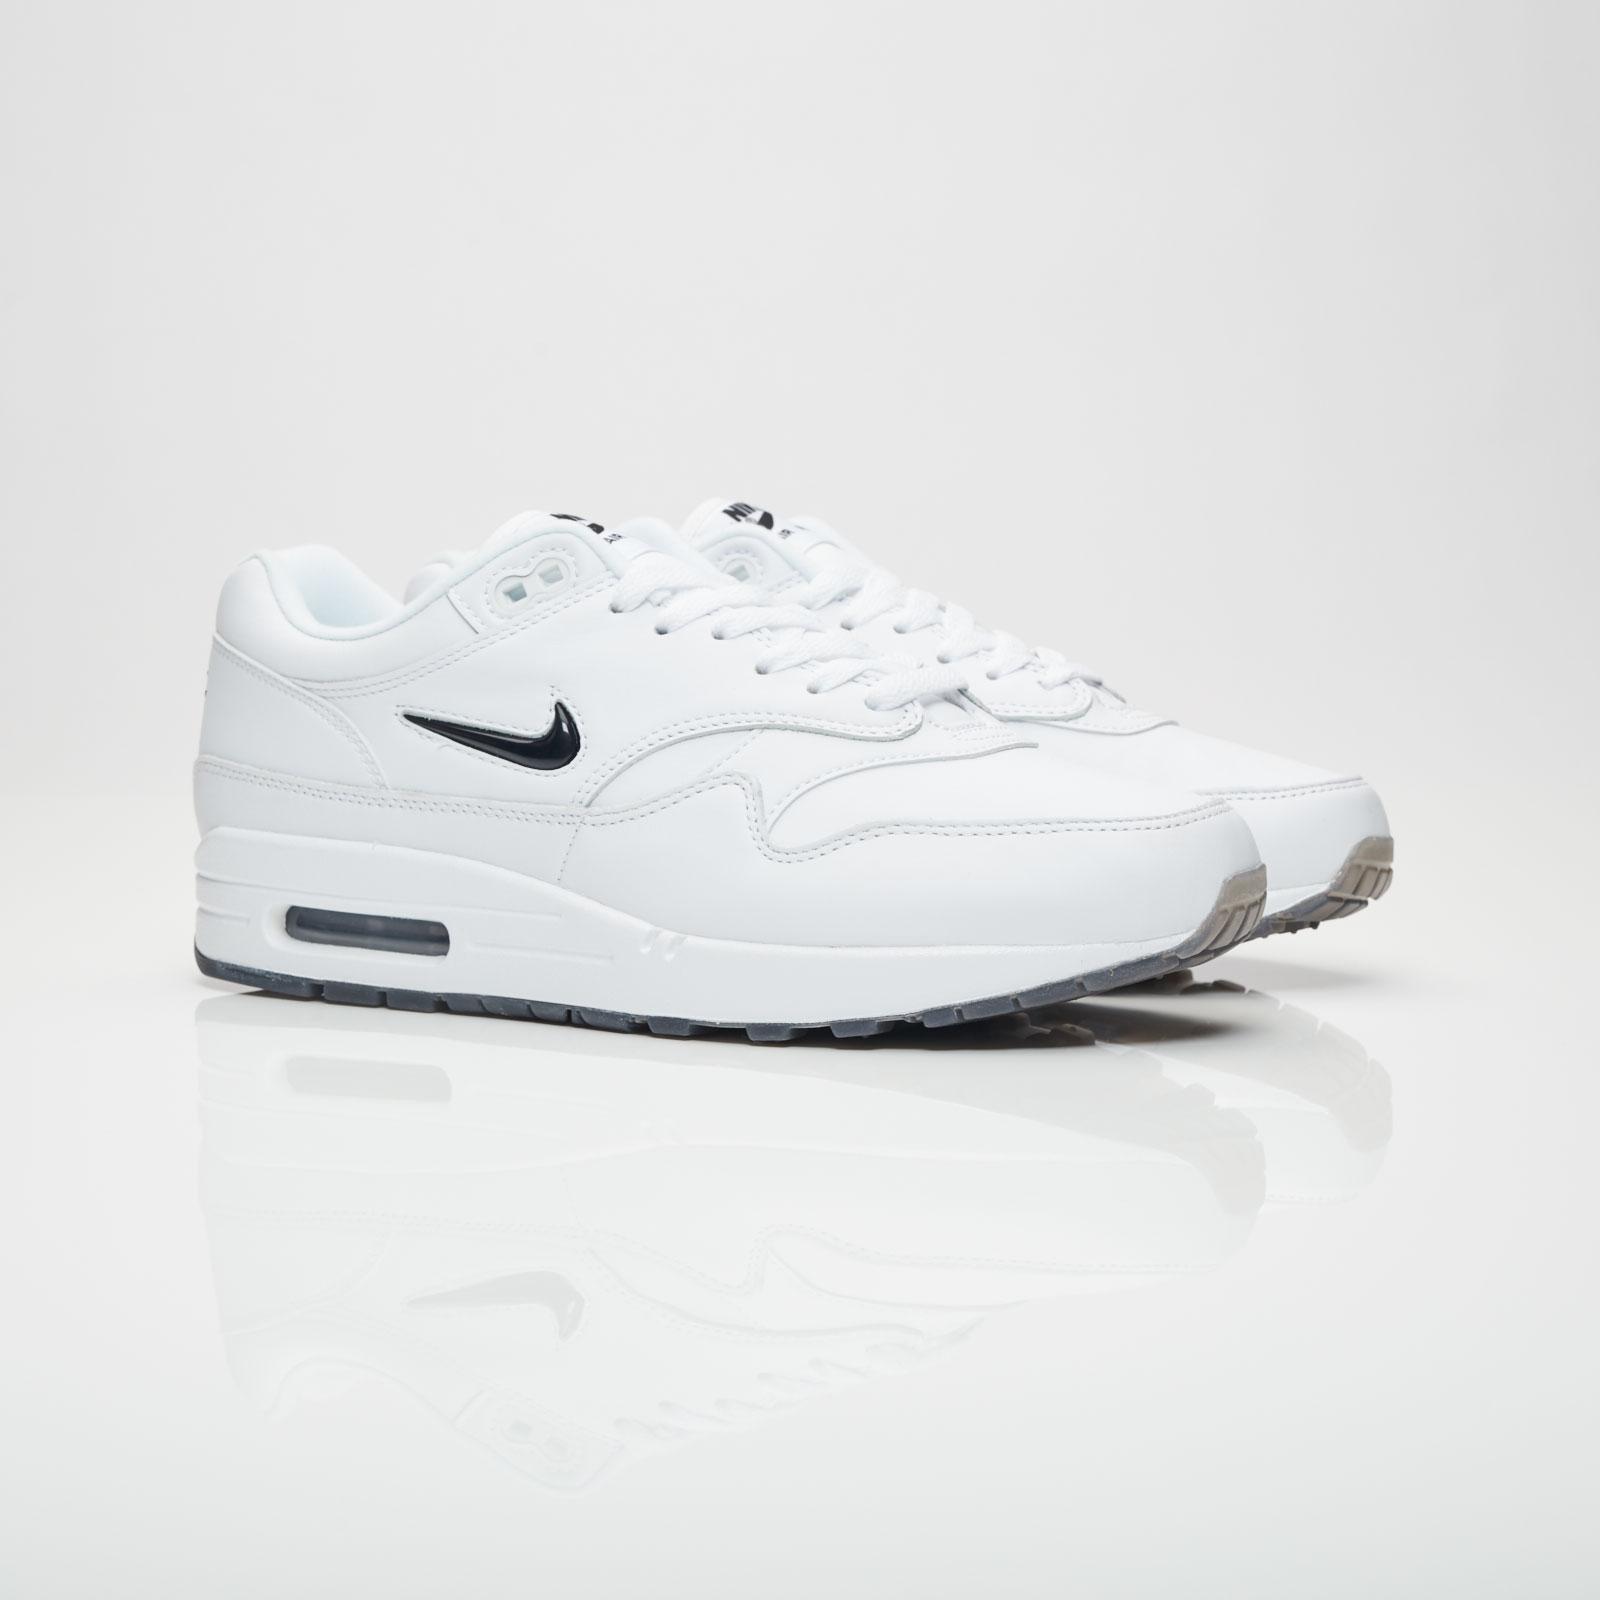 c811f64593b1 Nike Air Max 1 Premium SC - 918354-103 - Sneakersnstuff